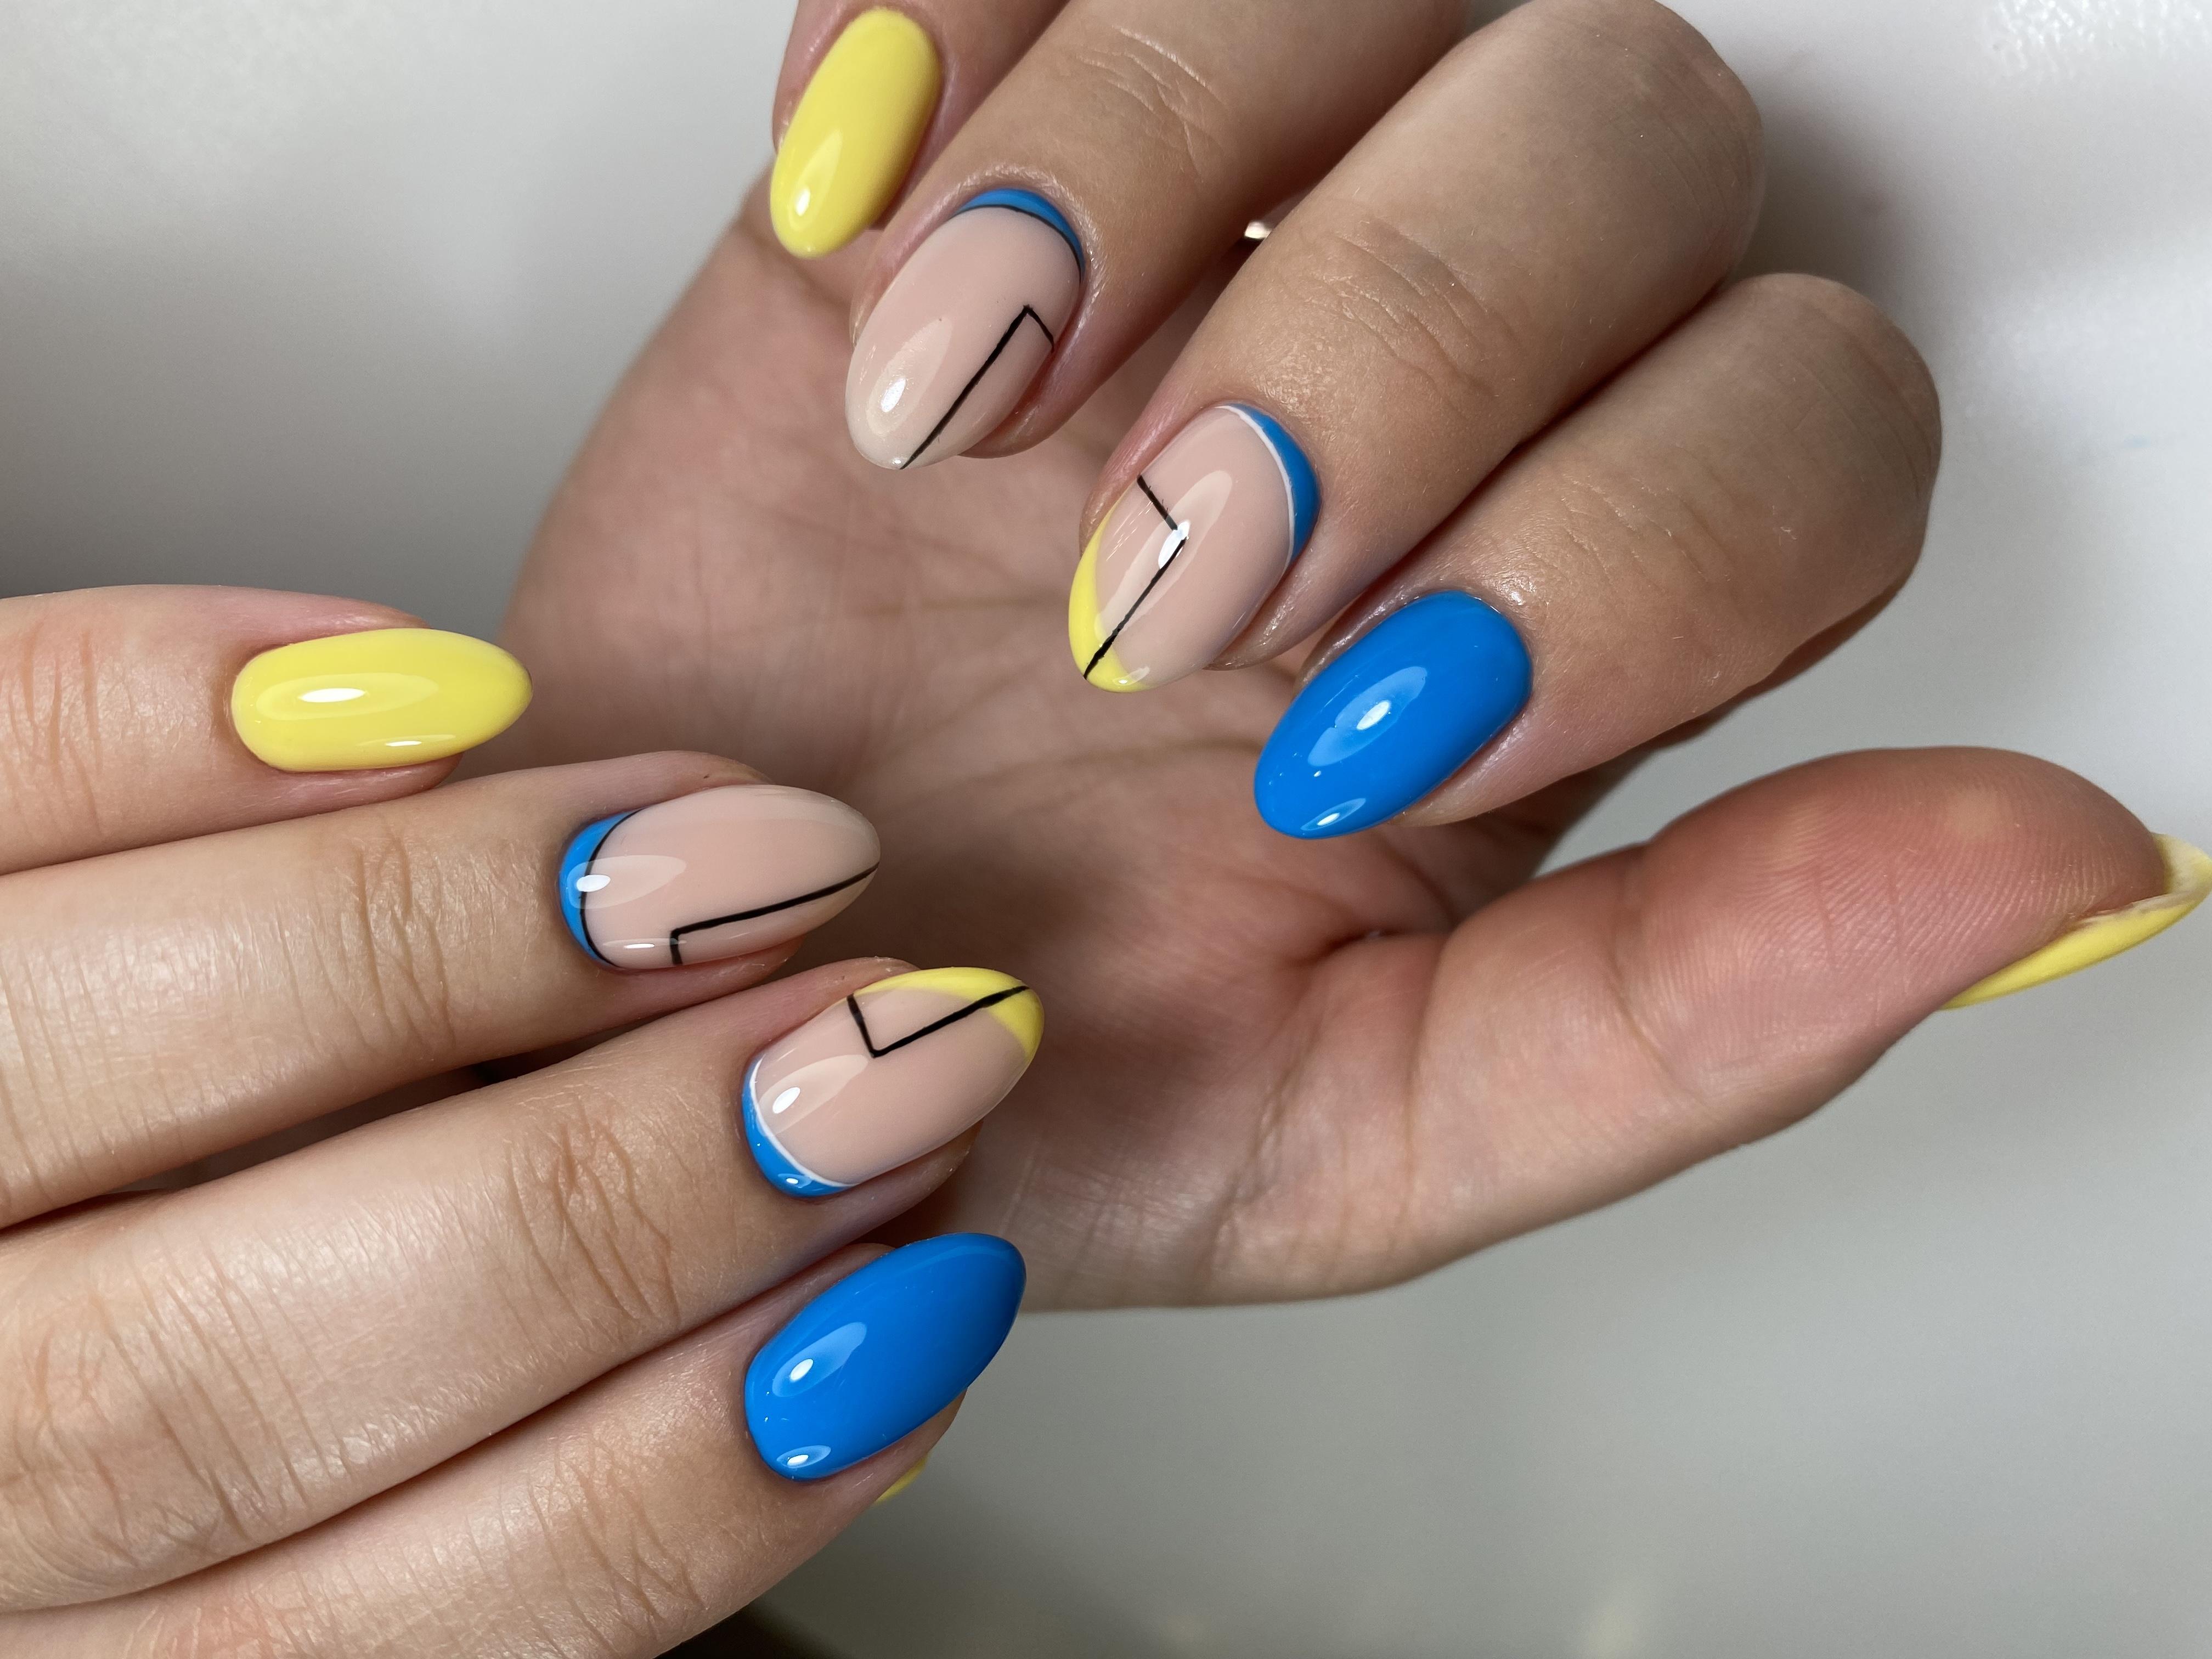 Маникюр с геометрией в трендовом синем и желтом цветах